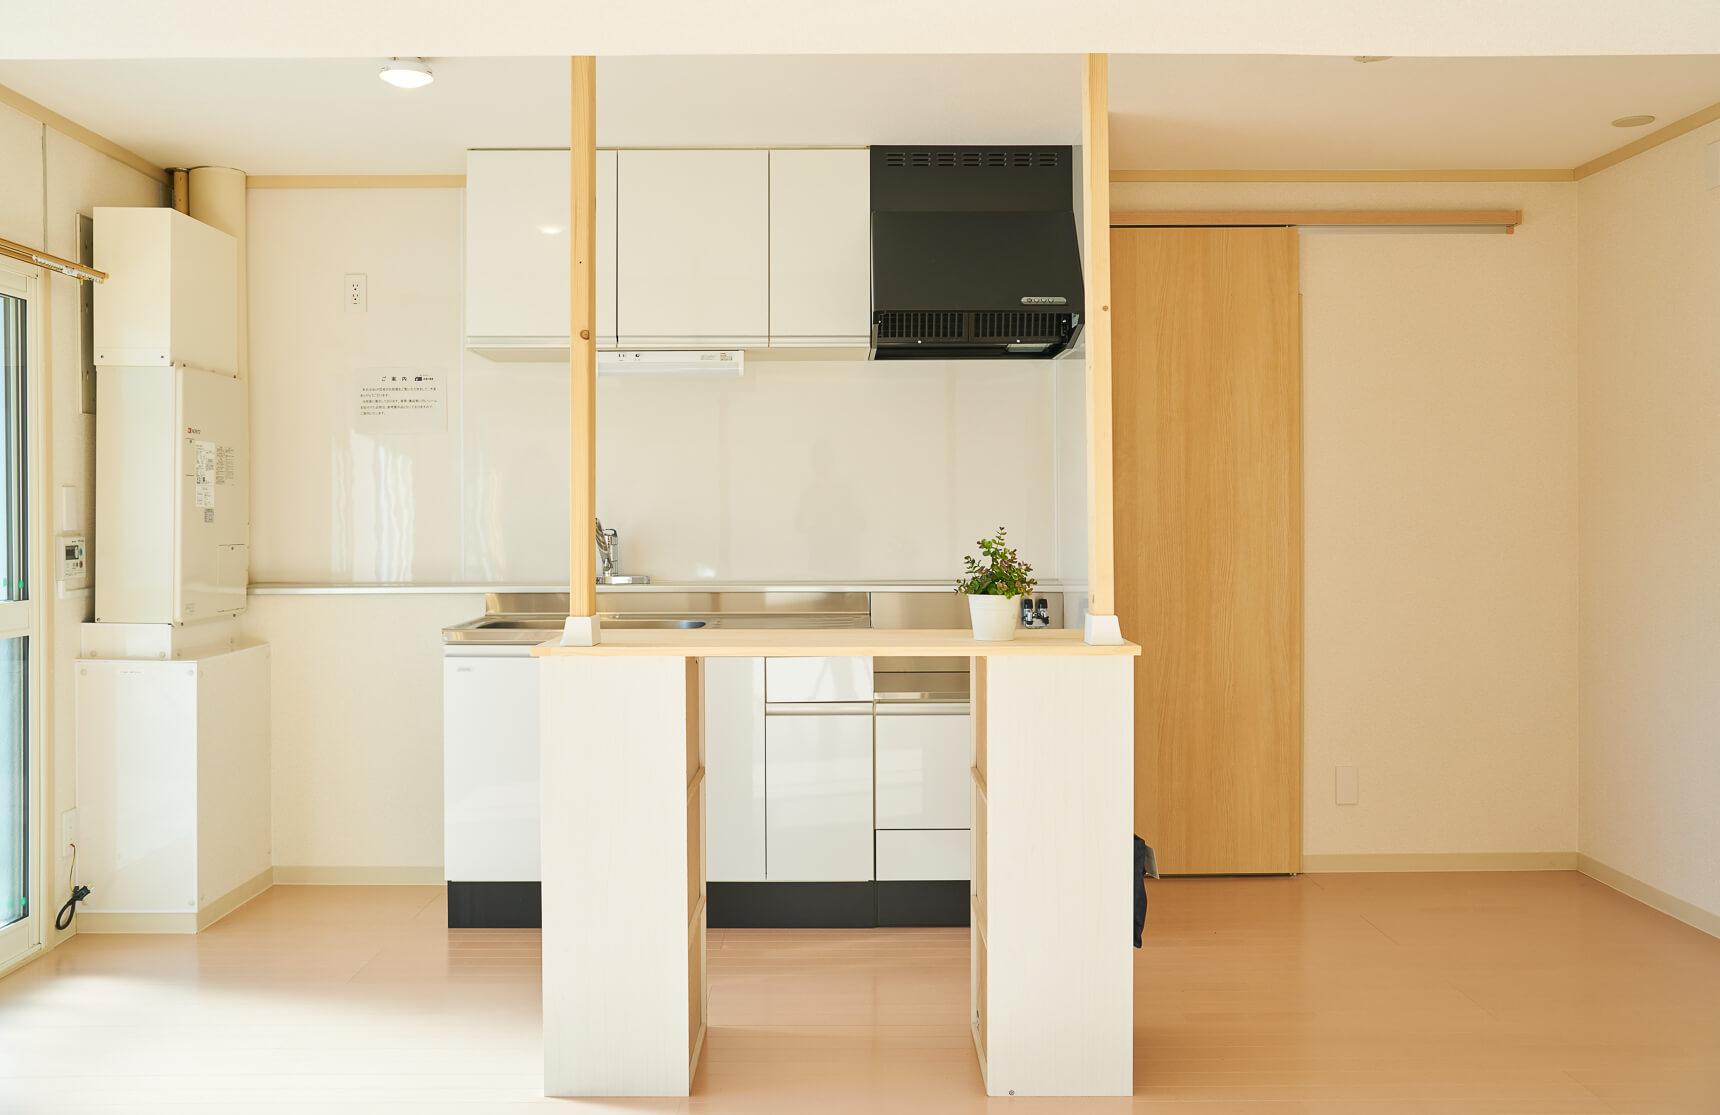 そしてこちらは、キッチンの前につけられた、キッチンカウンター(オプション品)